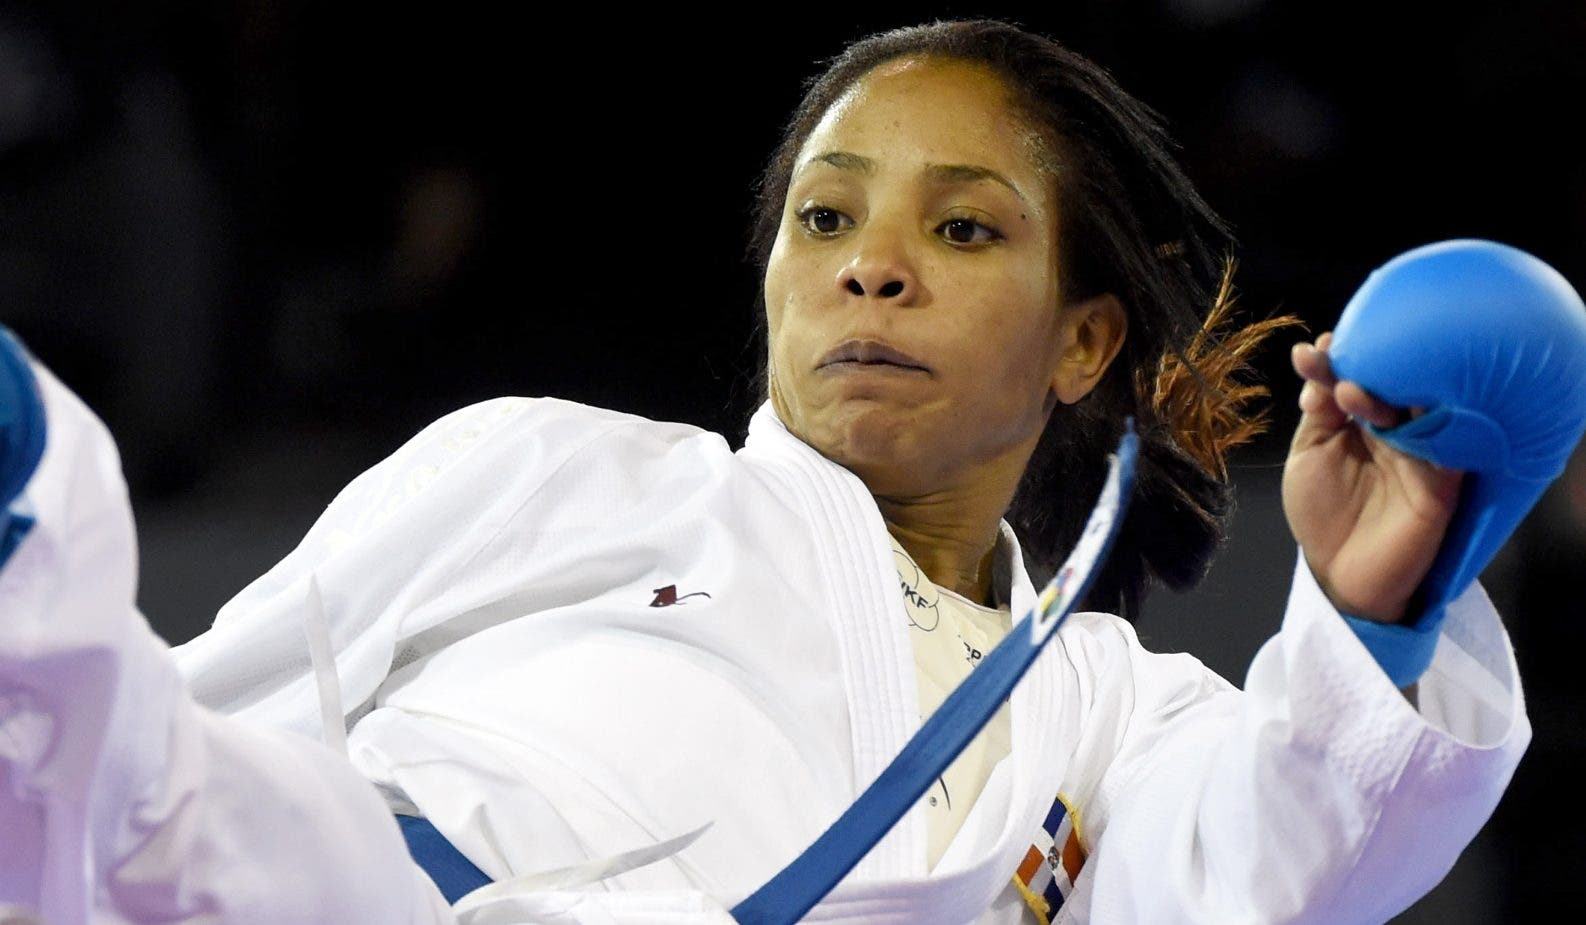 La destacada atleta  Karina Díaz durante  su preparación para los Panamericanos de este año en Lima, Perú.  Fuente externa